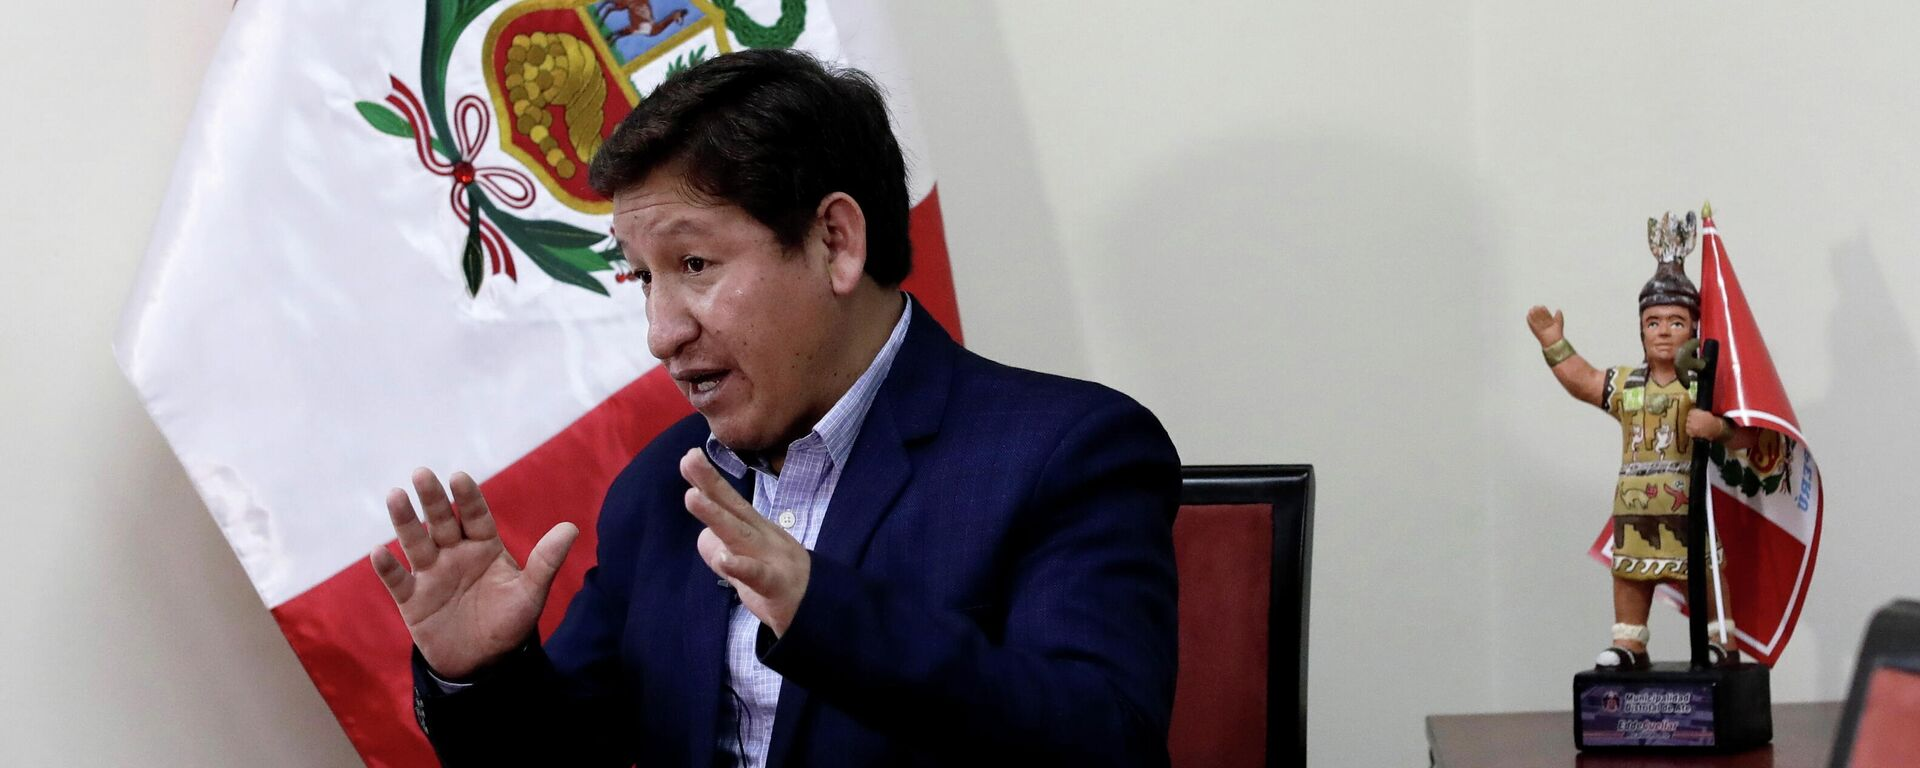 Guido Bellido, primer ministro de Perú - Sputnik Mundo, 1920, 12.08.2021